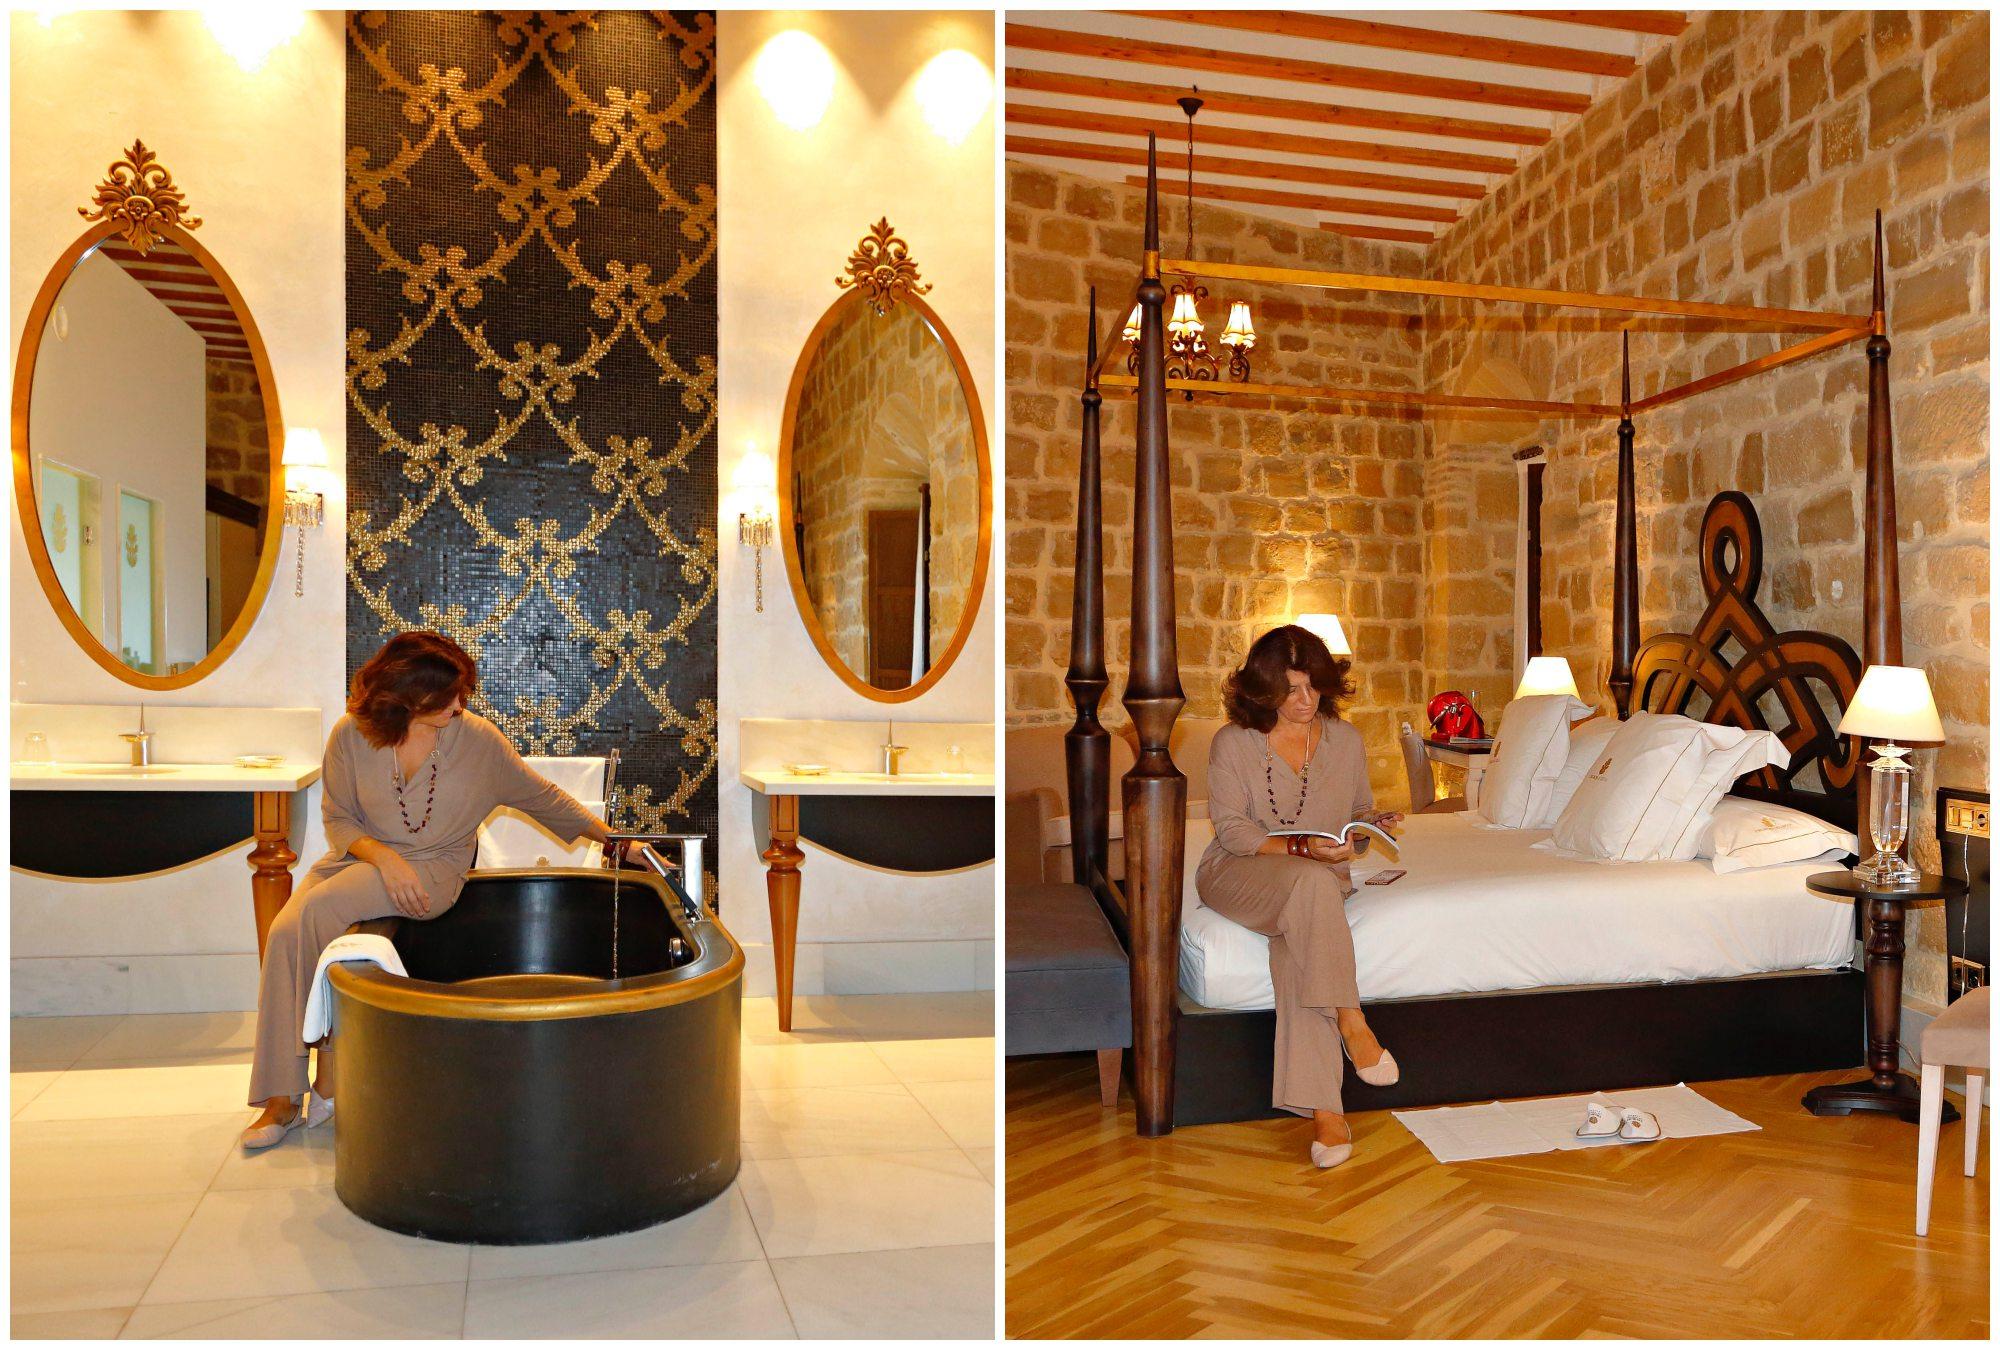 La bañera negra está hecha con una resina especial. A la dcha, una de las estancias con cama de dosel.